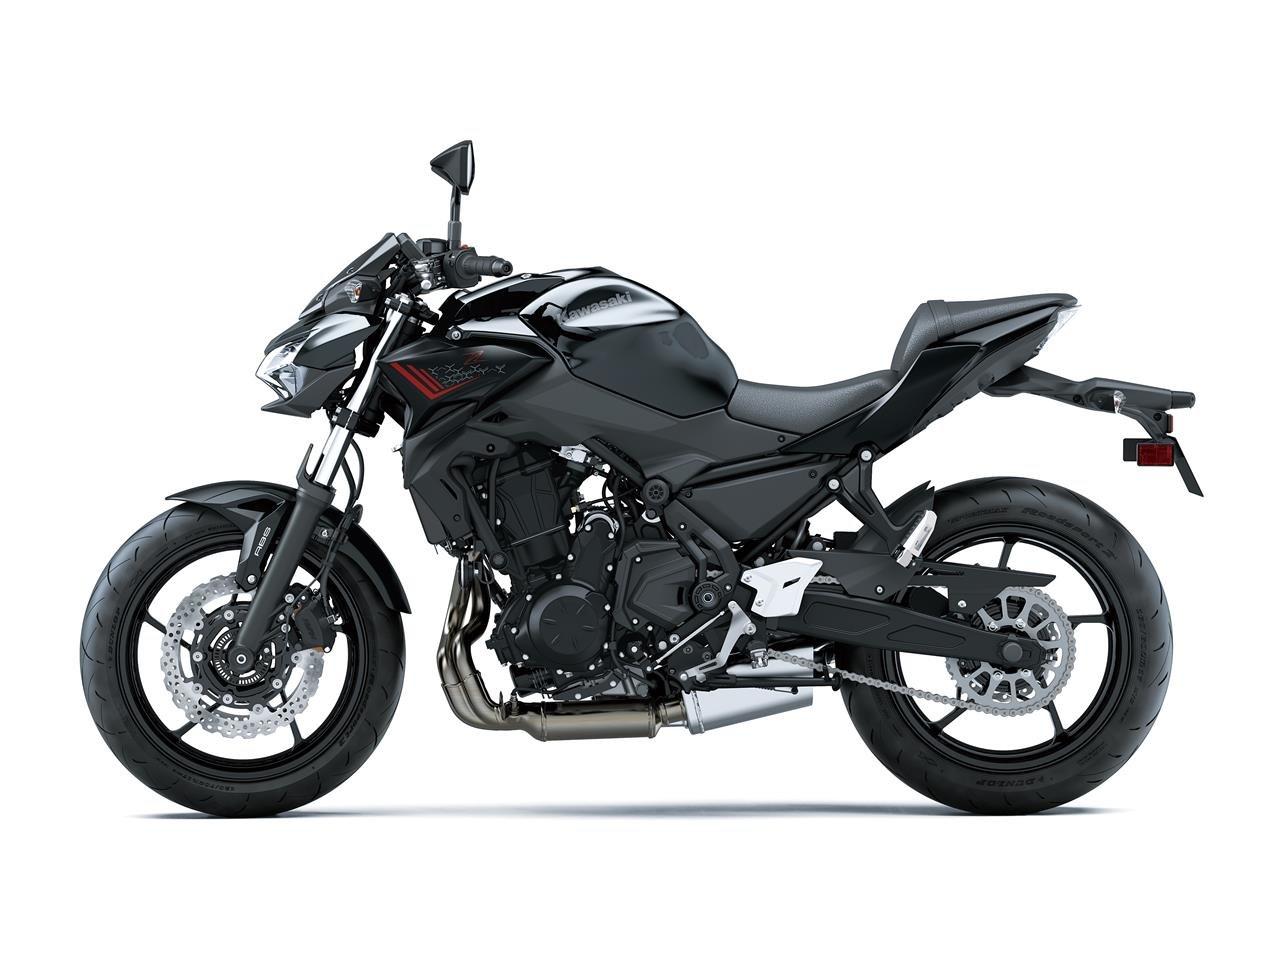 New 2021 Kawasaki Z650 ABS   Motorcycles in Albuquerque NM